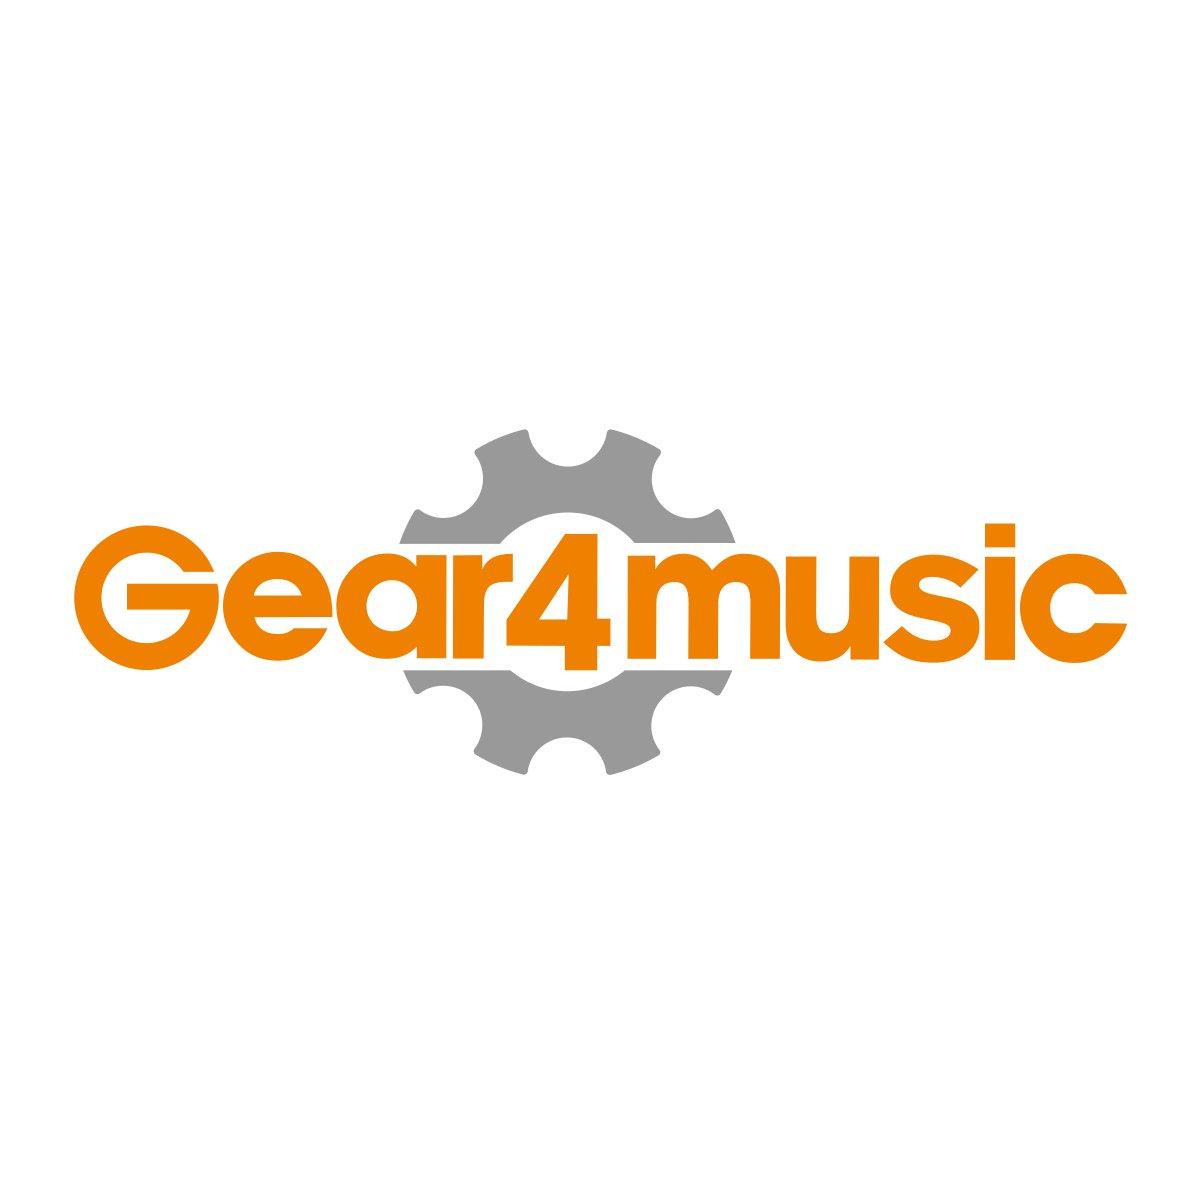 LA elektrische gitaar van Gear4music, Sunburst